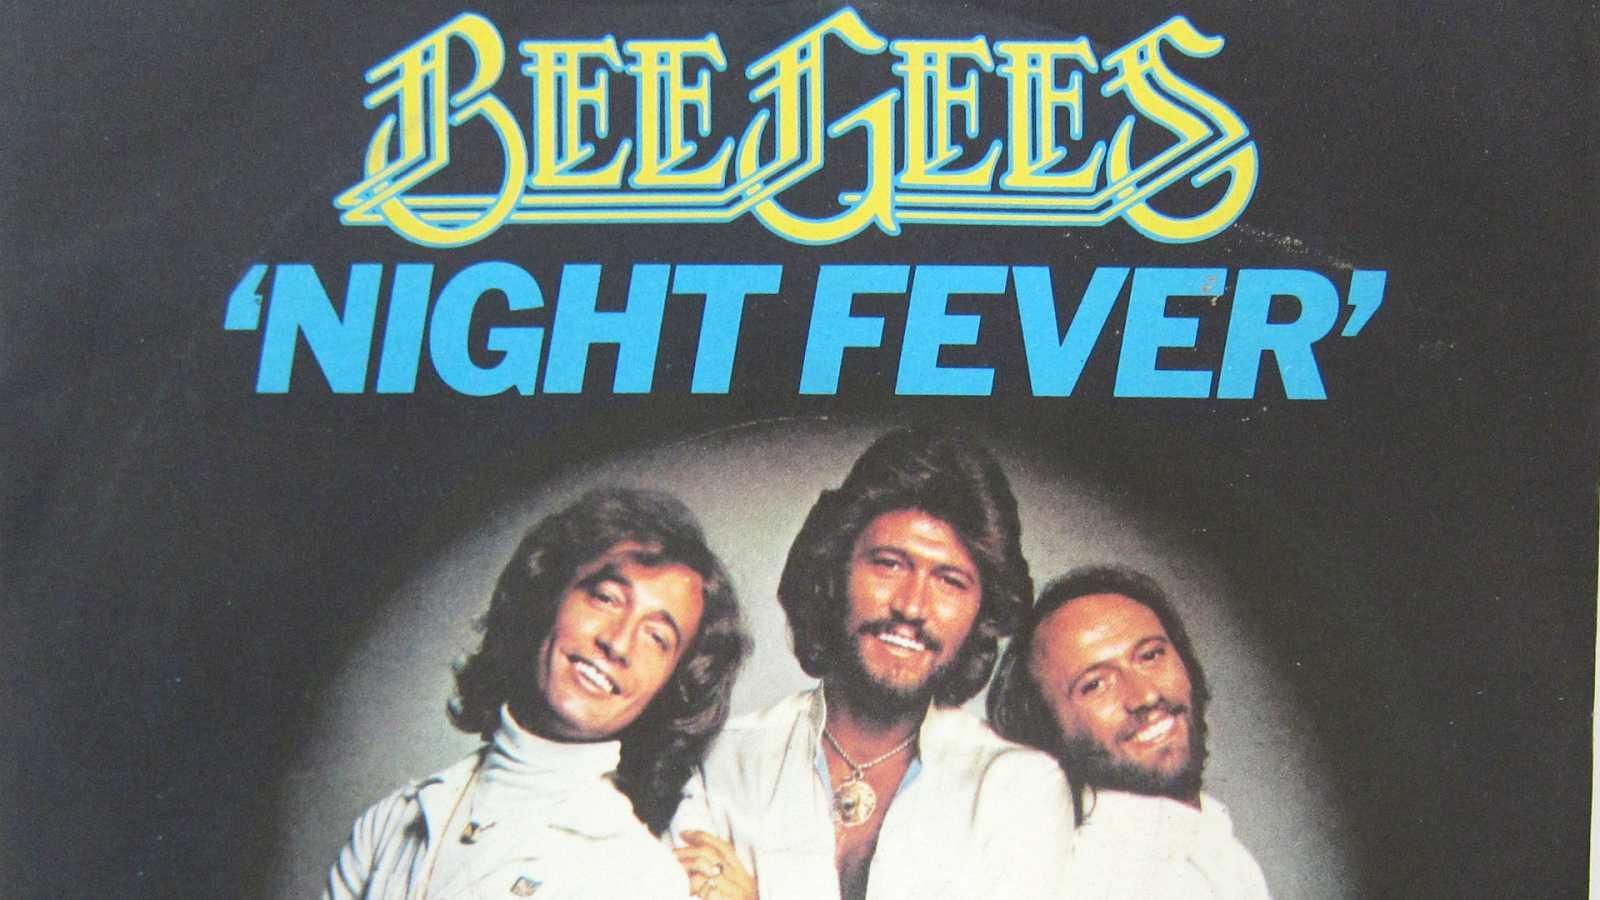 """Rebobinando - Bee Gees, """"Night fever"""" - 21/09/20 - Escuchar ahora -"""